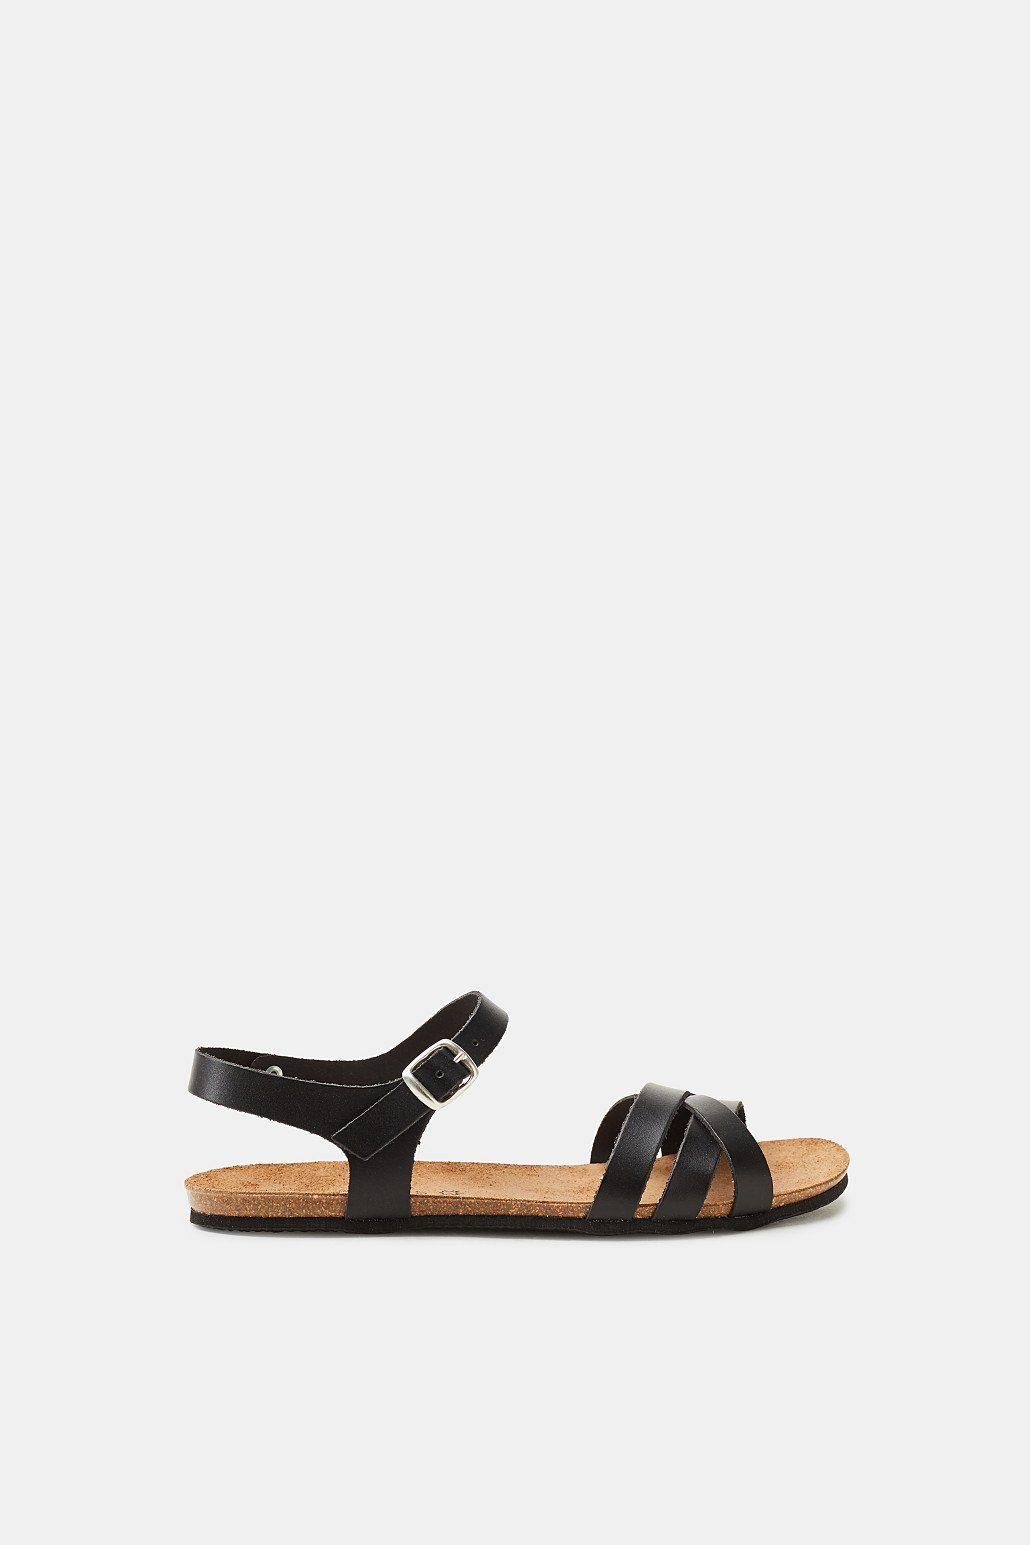 Esprit Leder-Sandale mit Nieten-Details für Damen, Größe 39, Black